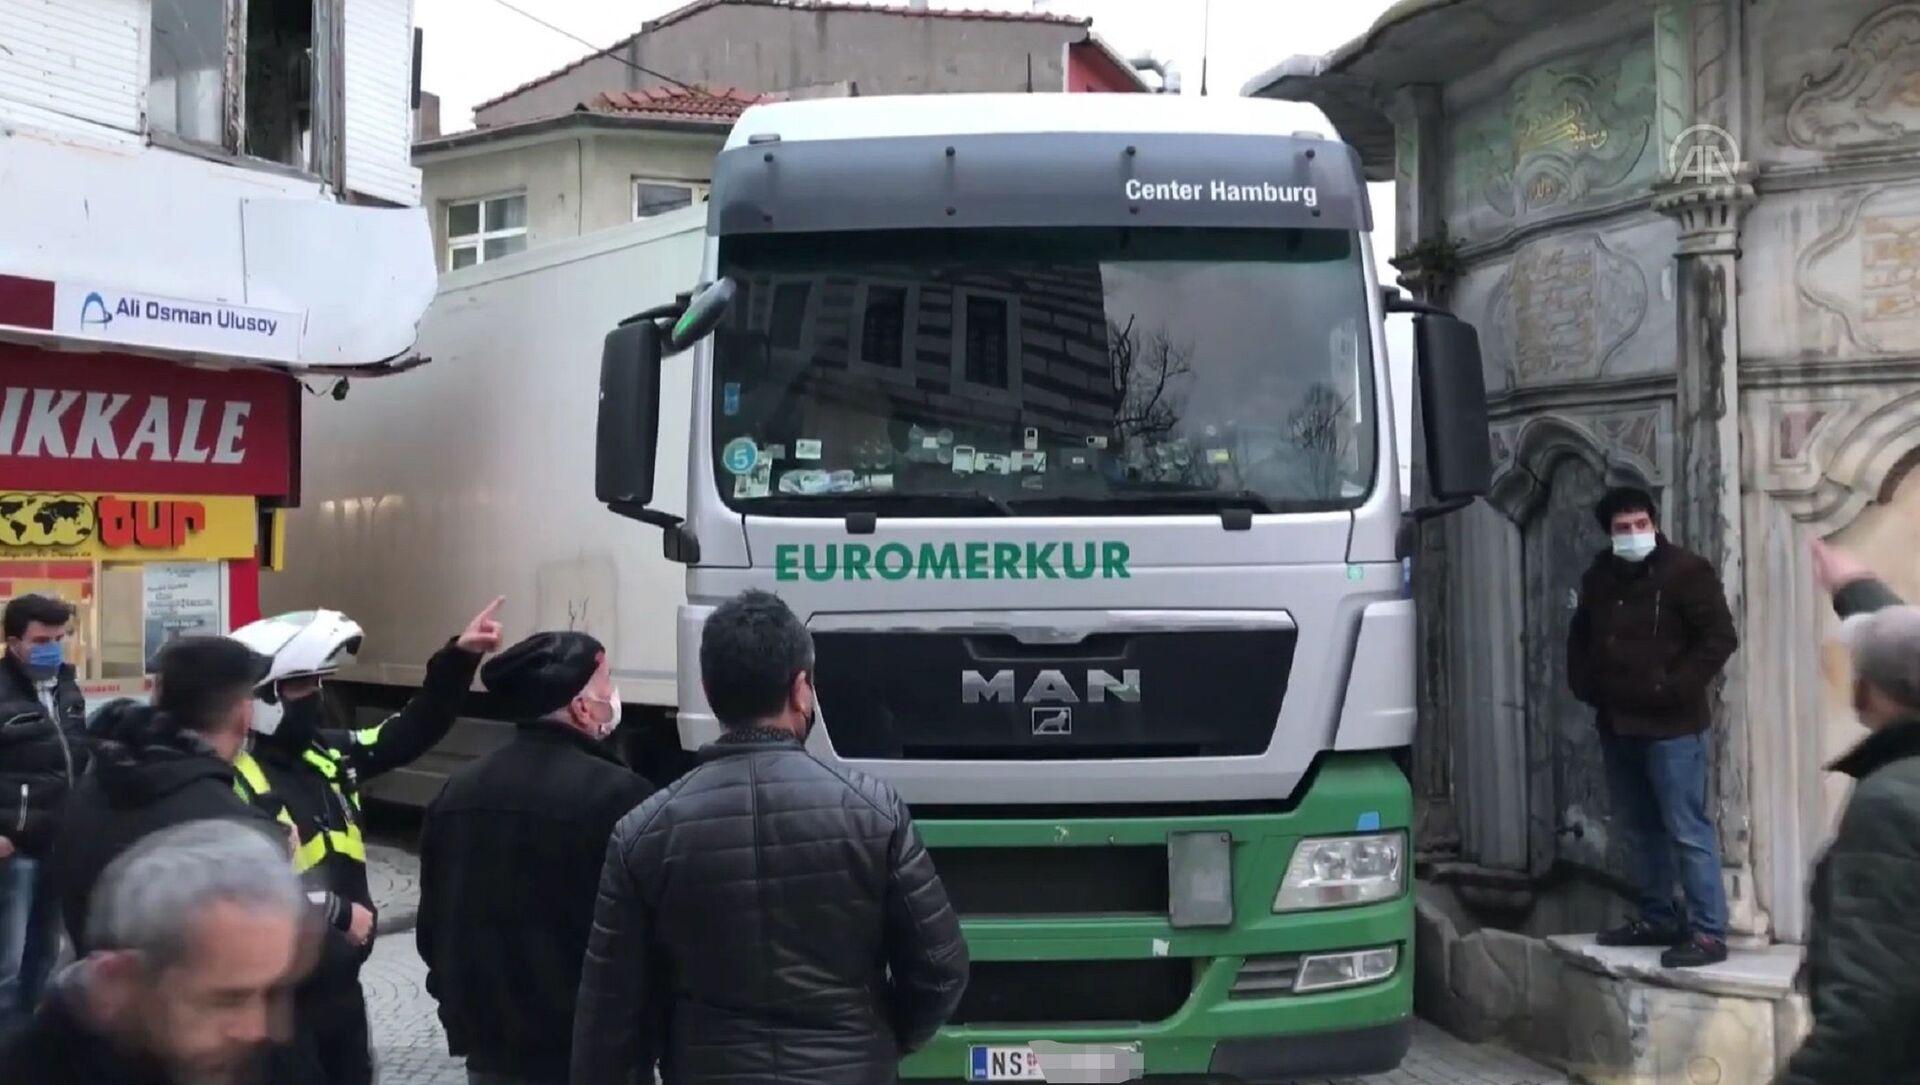 Камионџија из Србије заглавио се у Истанбулу пошто га је преварила навигација - Sputnik Србија, 1920, 05.03.2021